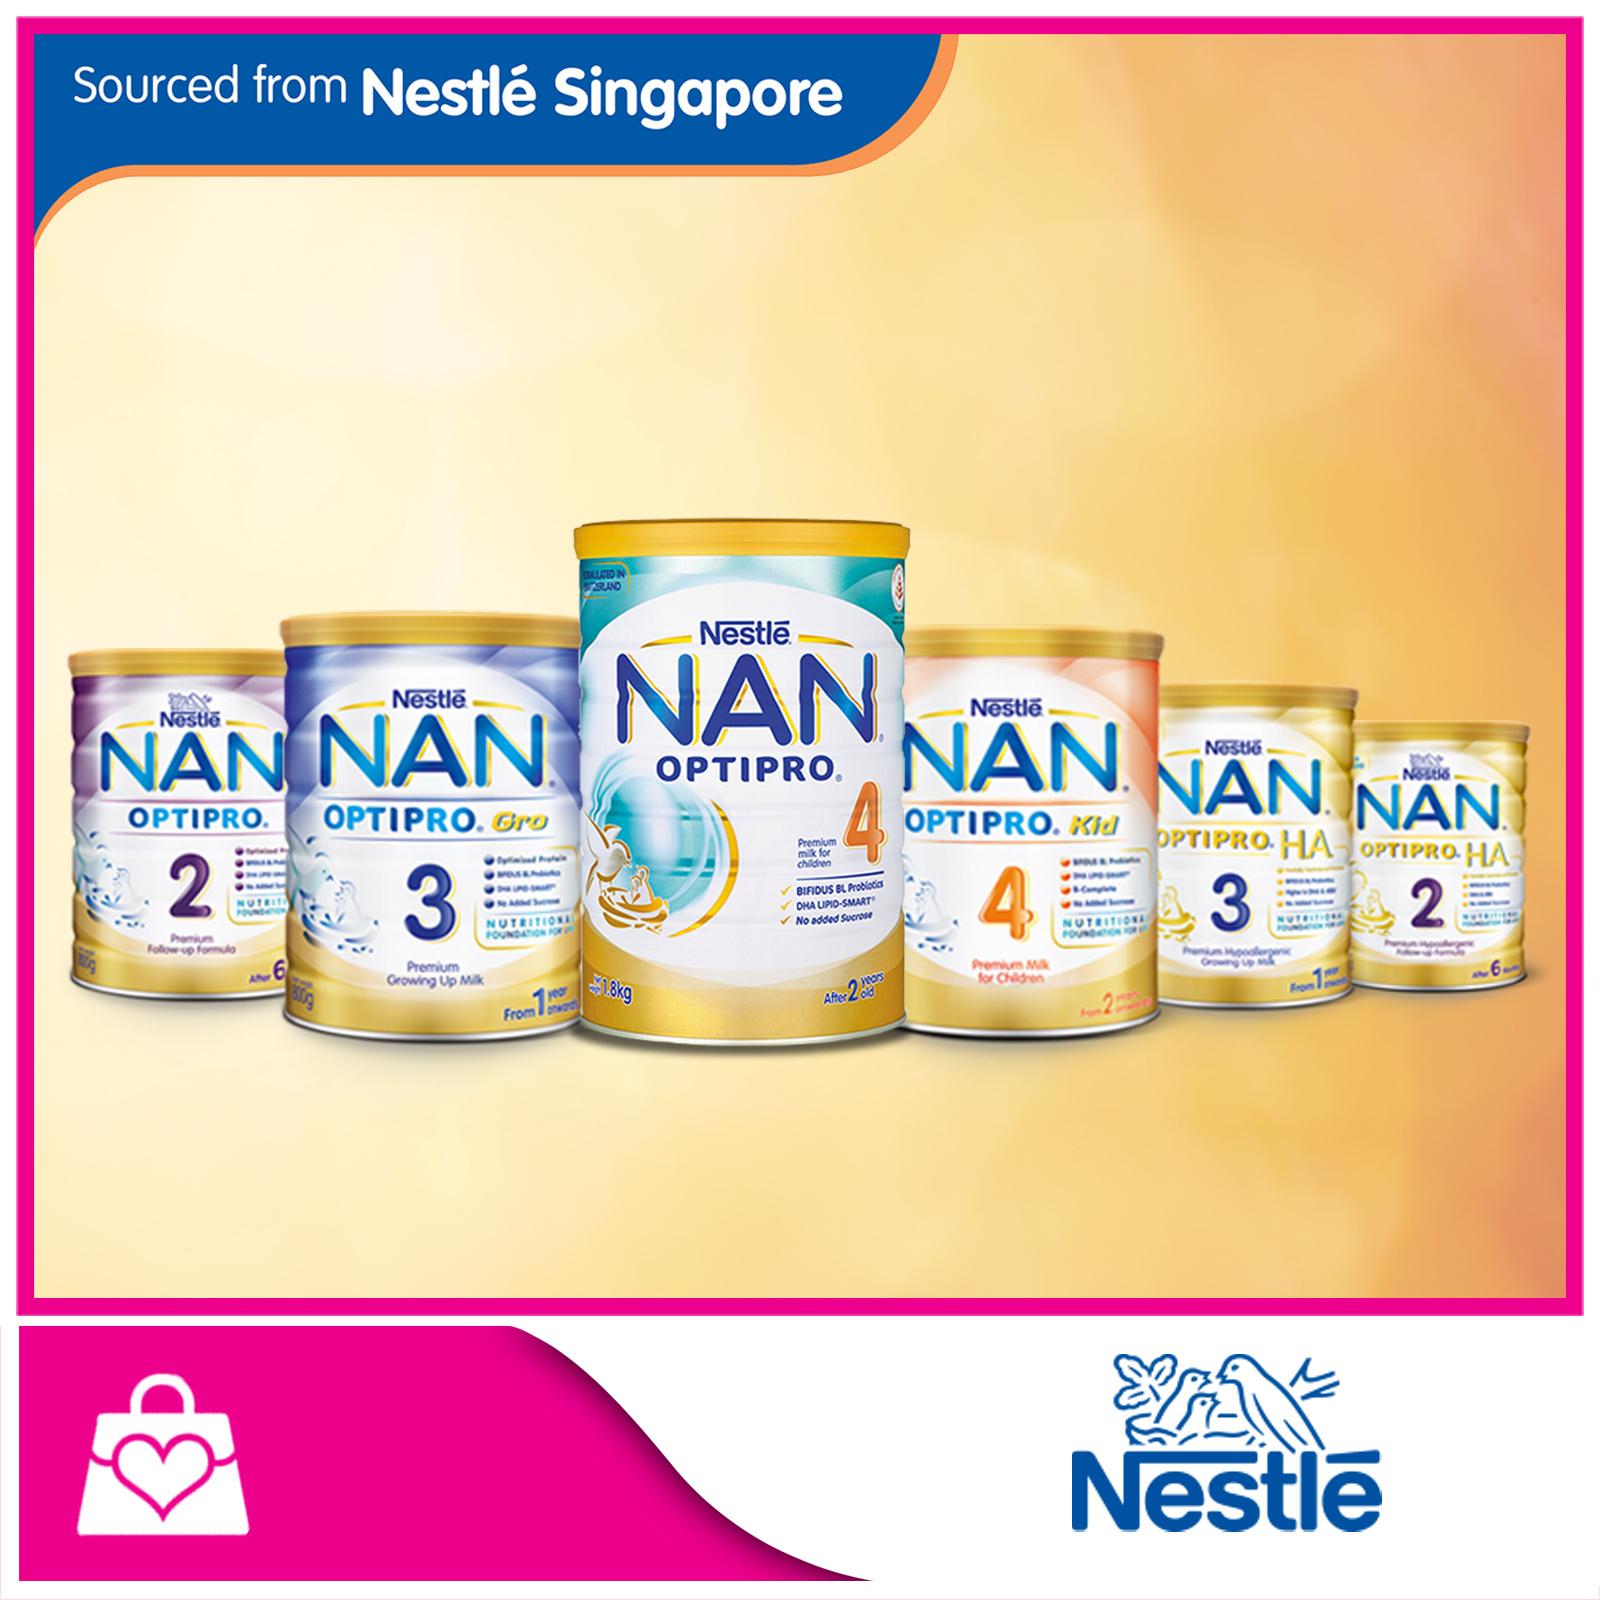 NAN[Nestle]Nan OPTIPRO® H A  2 Follow-Up/H A  3 Growing Up/Kid 4 Growing Up  Milk/Gro 3 Growing Up Milk